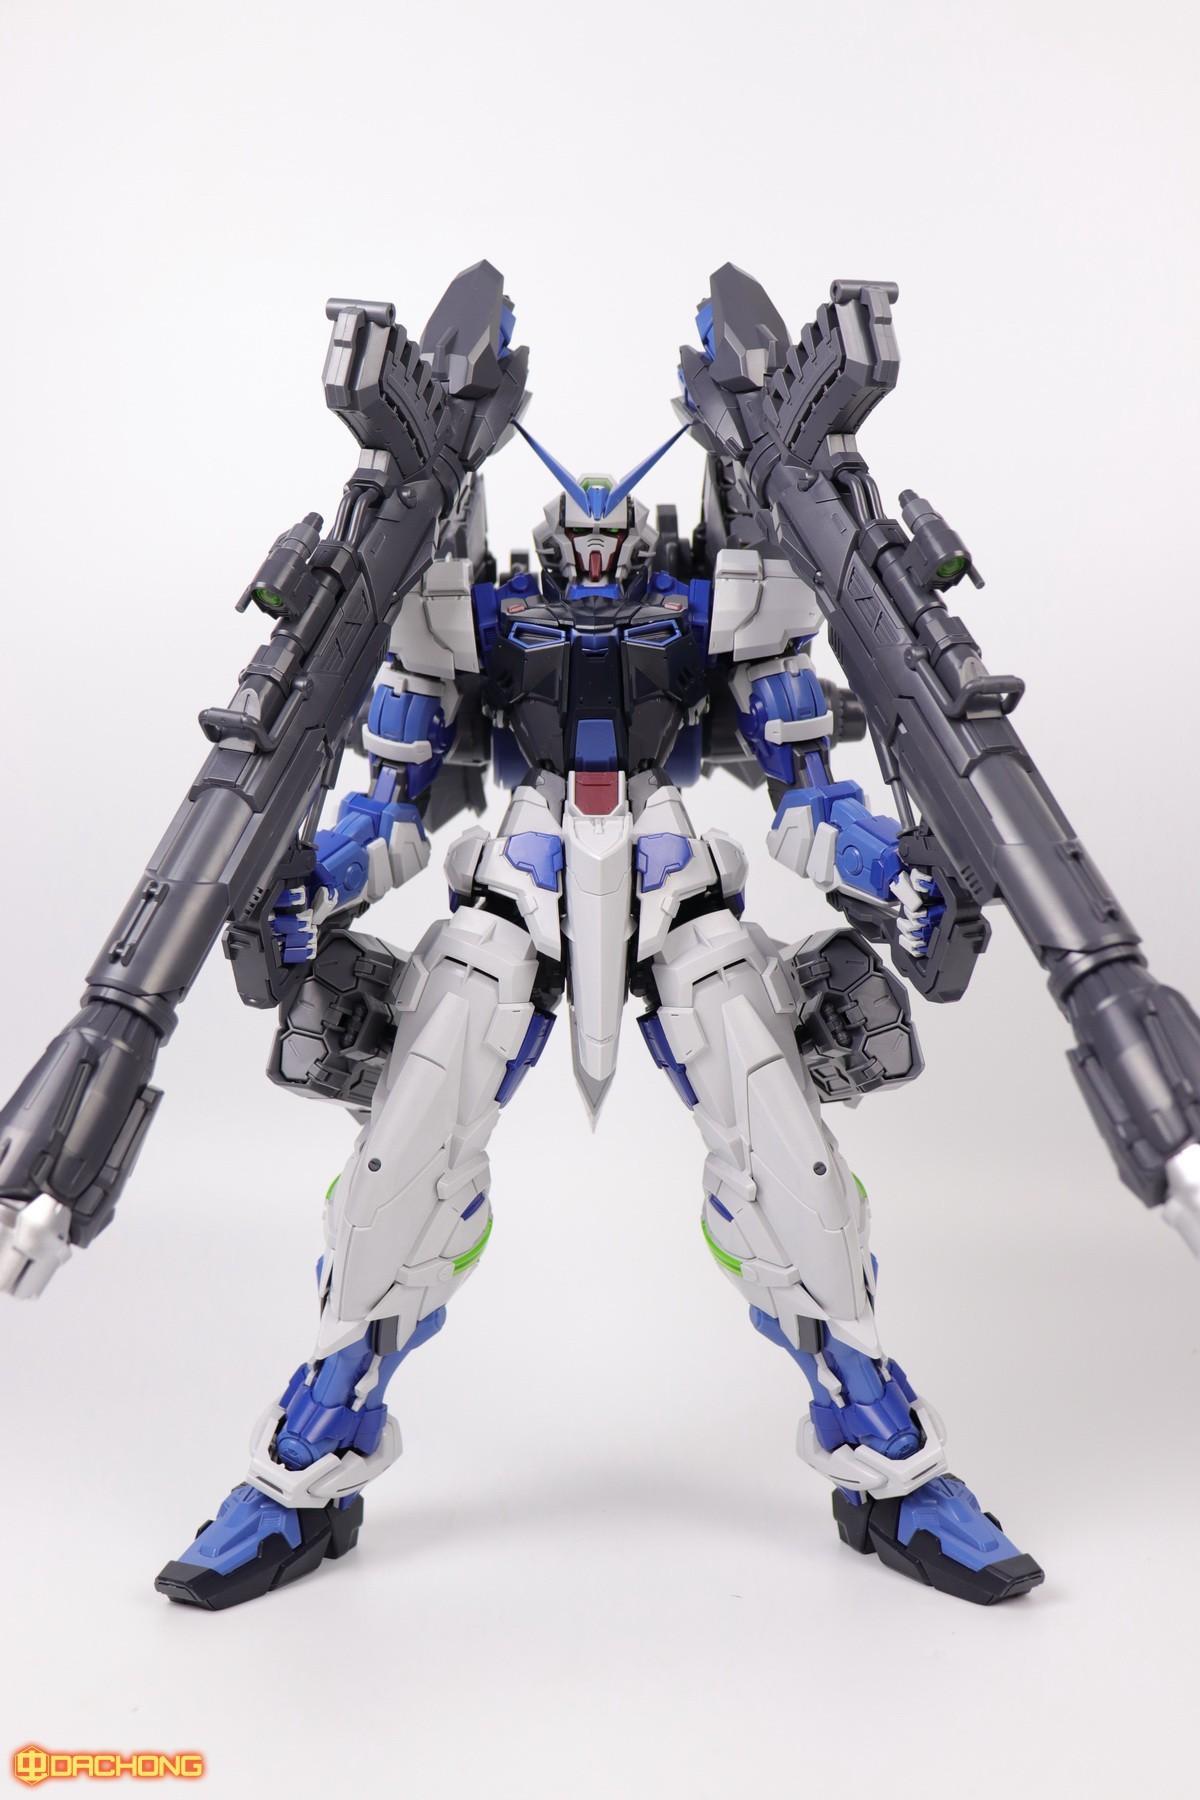 S306_blue_frame_astray_60_063.jpg